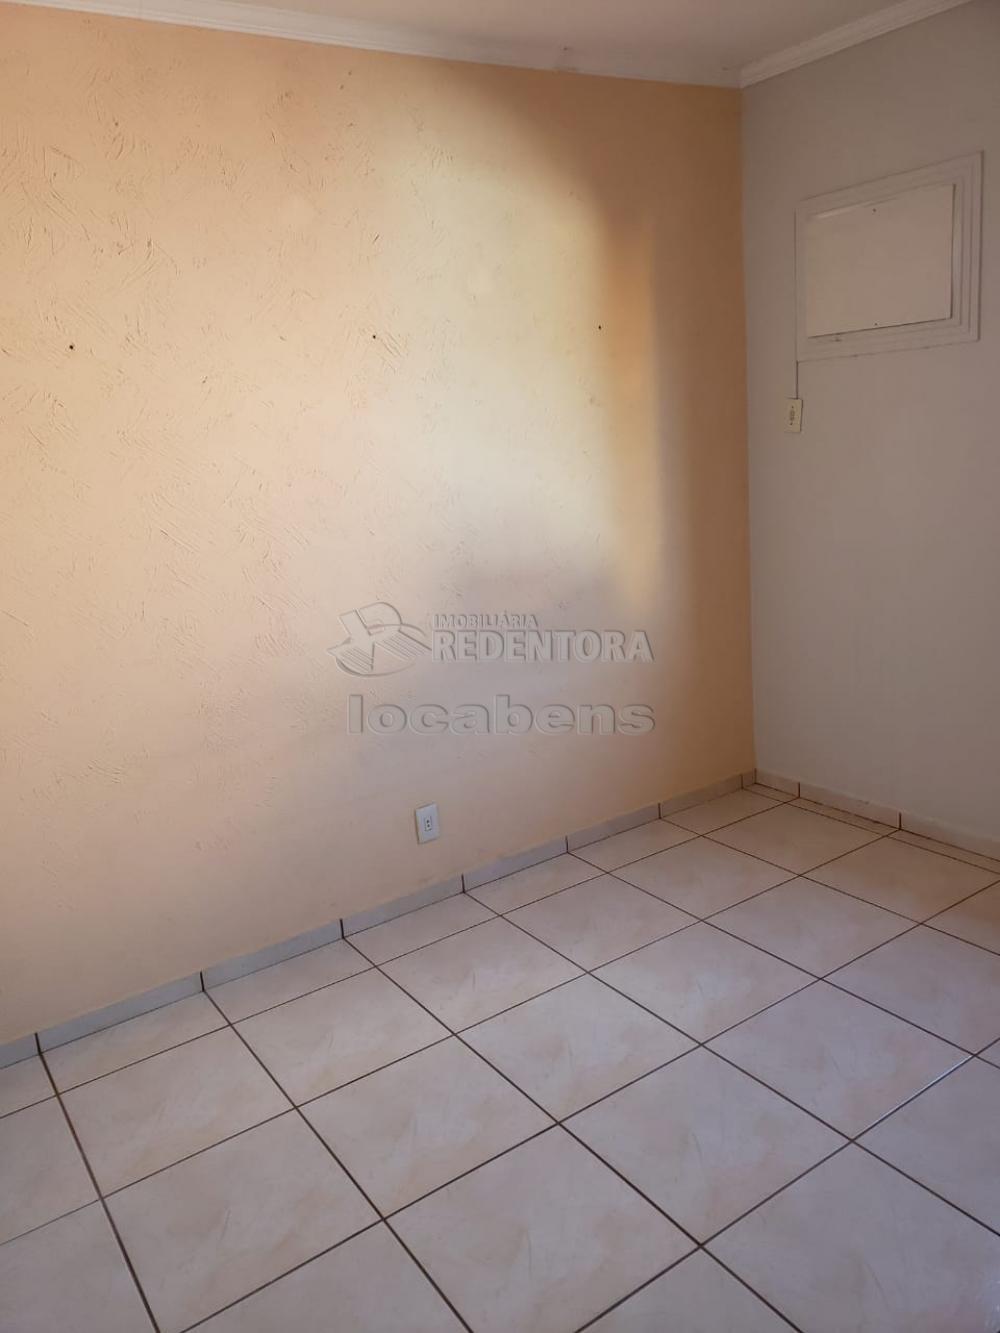 Alugar Casa / Condomínio em São José do Rio Preto apenas R$ 800,00 - Foto 8